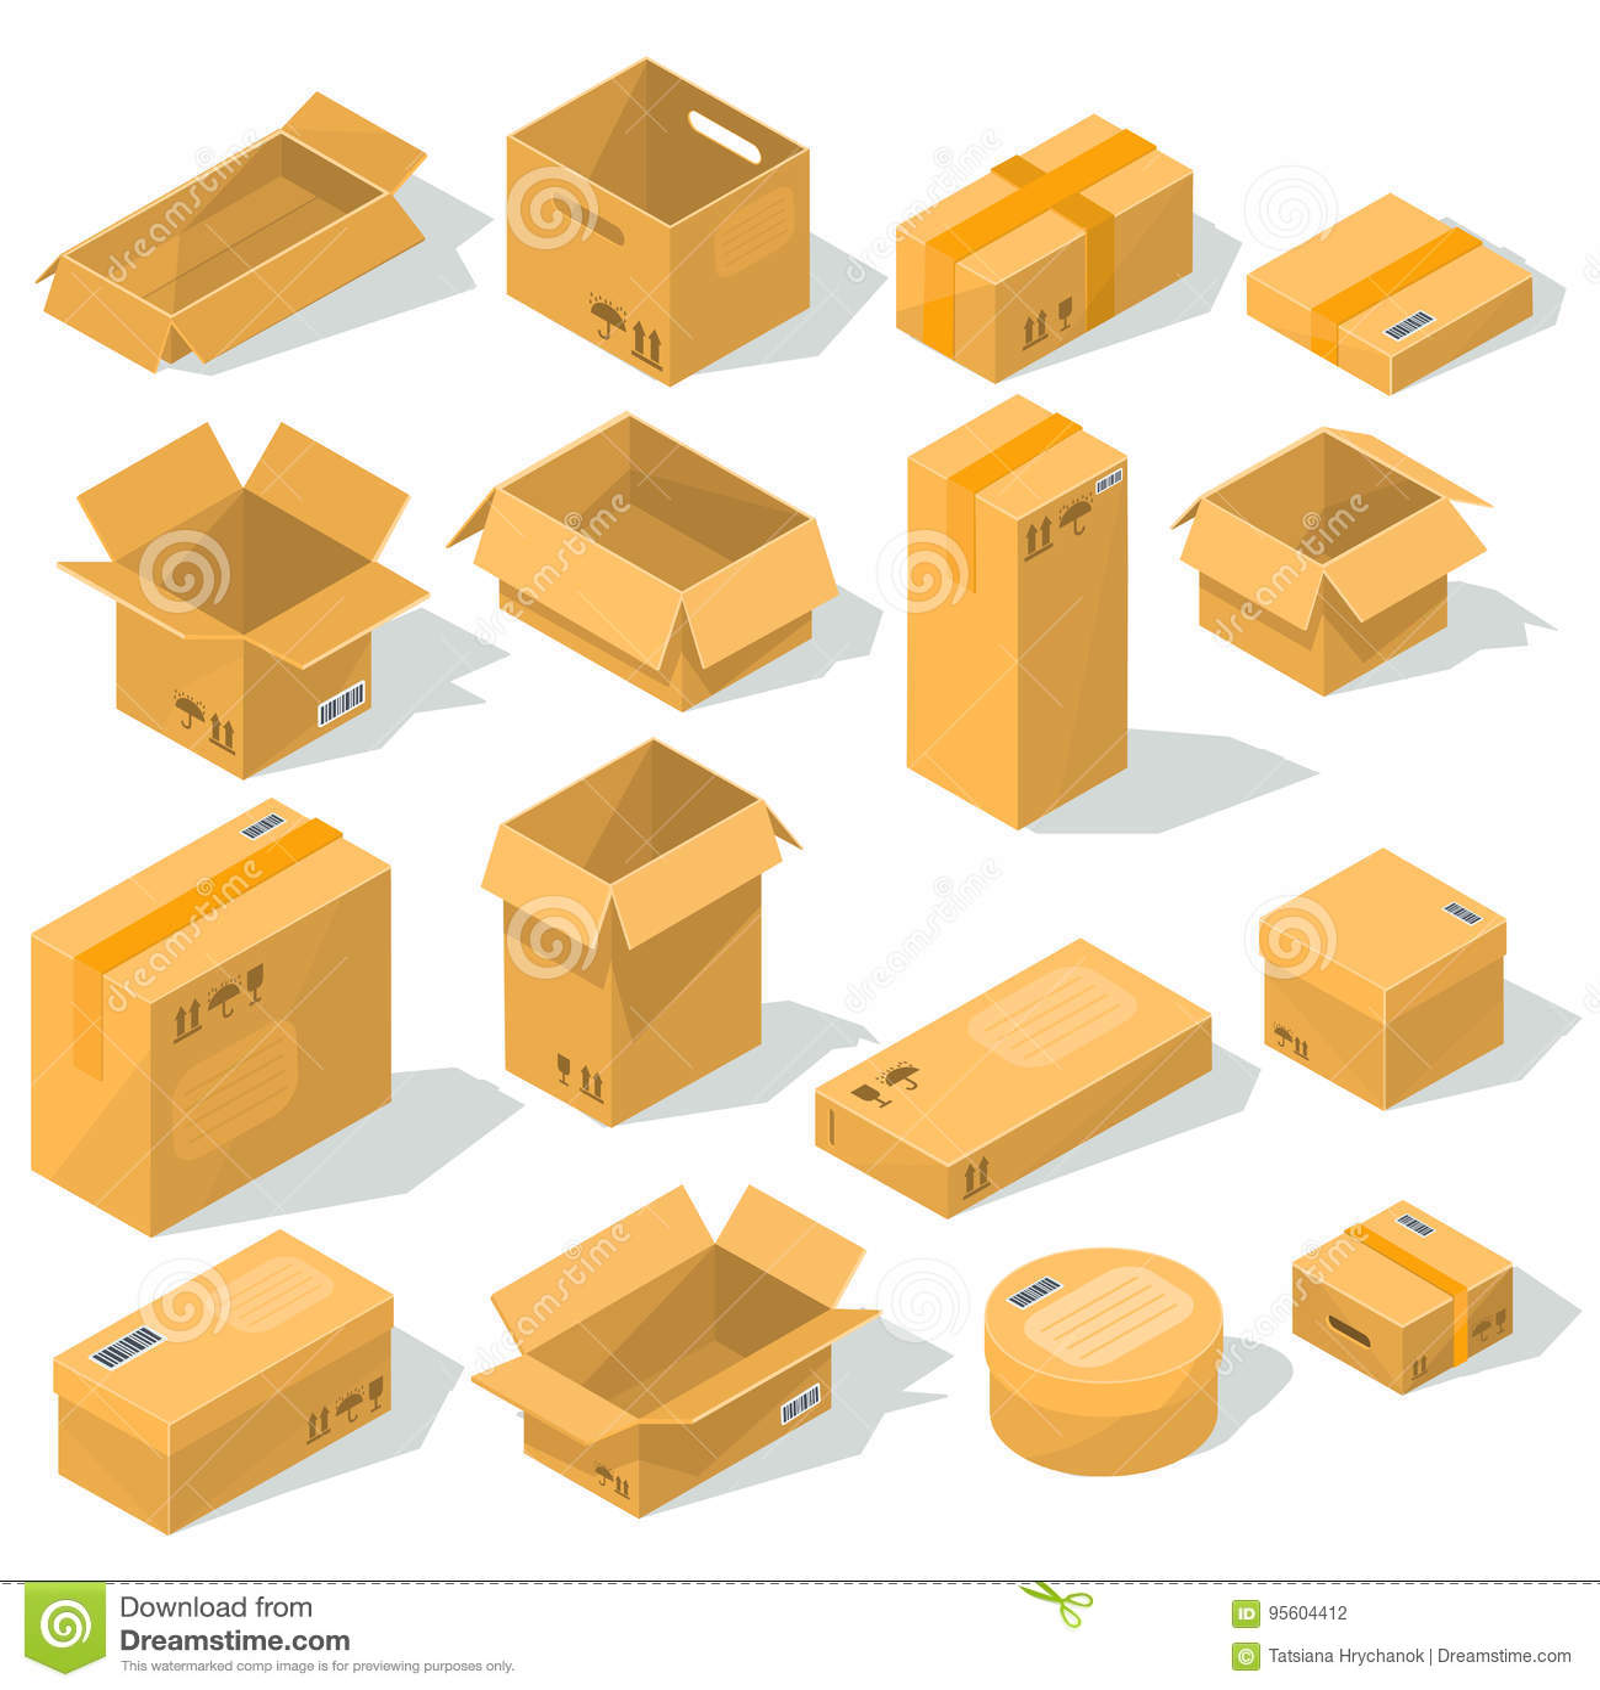 Pappschachteln verschiedene Formen und Größen mit Emblemen von Zerbrechlichkeit auf ihnen